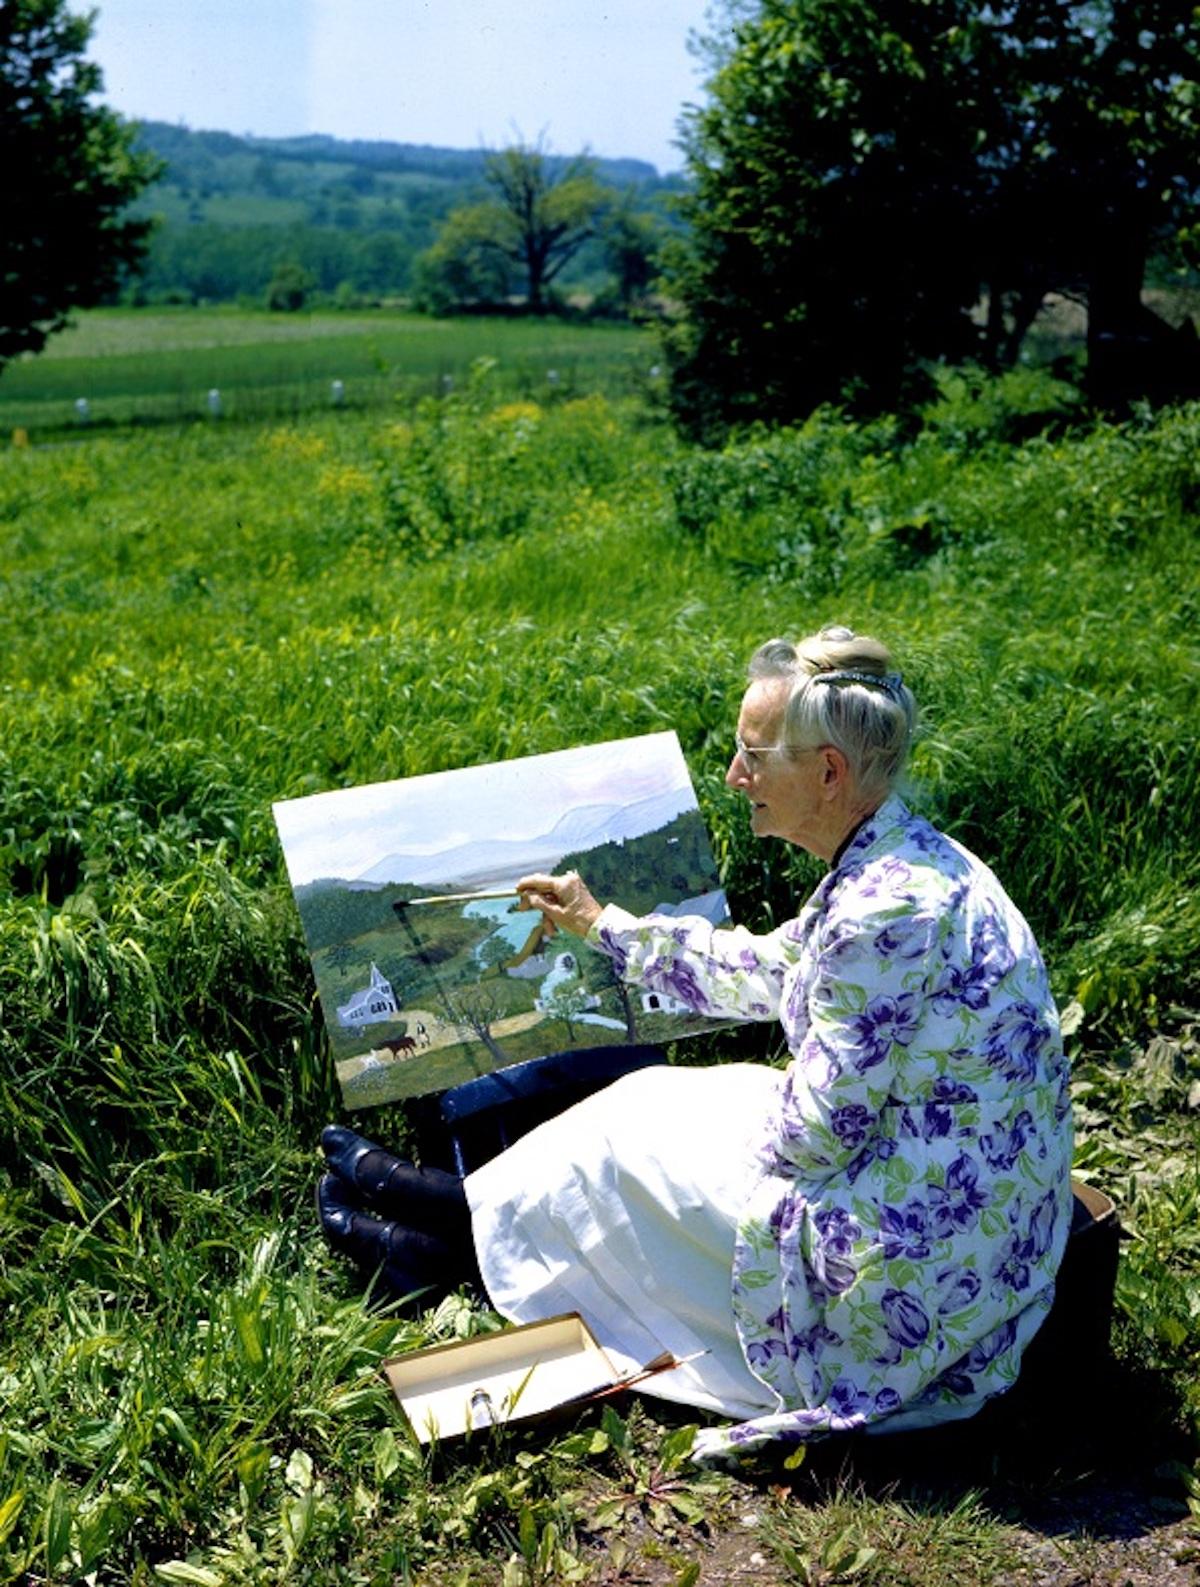 庭で絵を描くグランマ・モーゼス 1946年 写真:Ifor Thomas(ギャラリー・セント・エティエンヌ、ニューヨーク寄託) ©2021, Grandma Moses Properties Co., NY